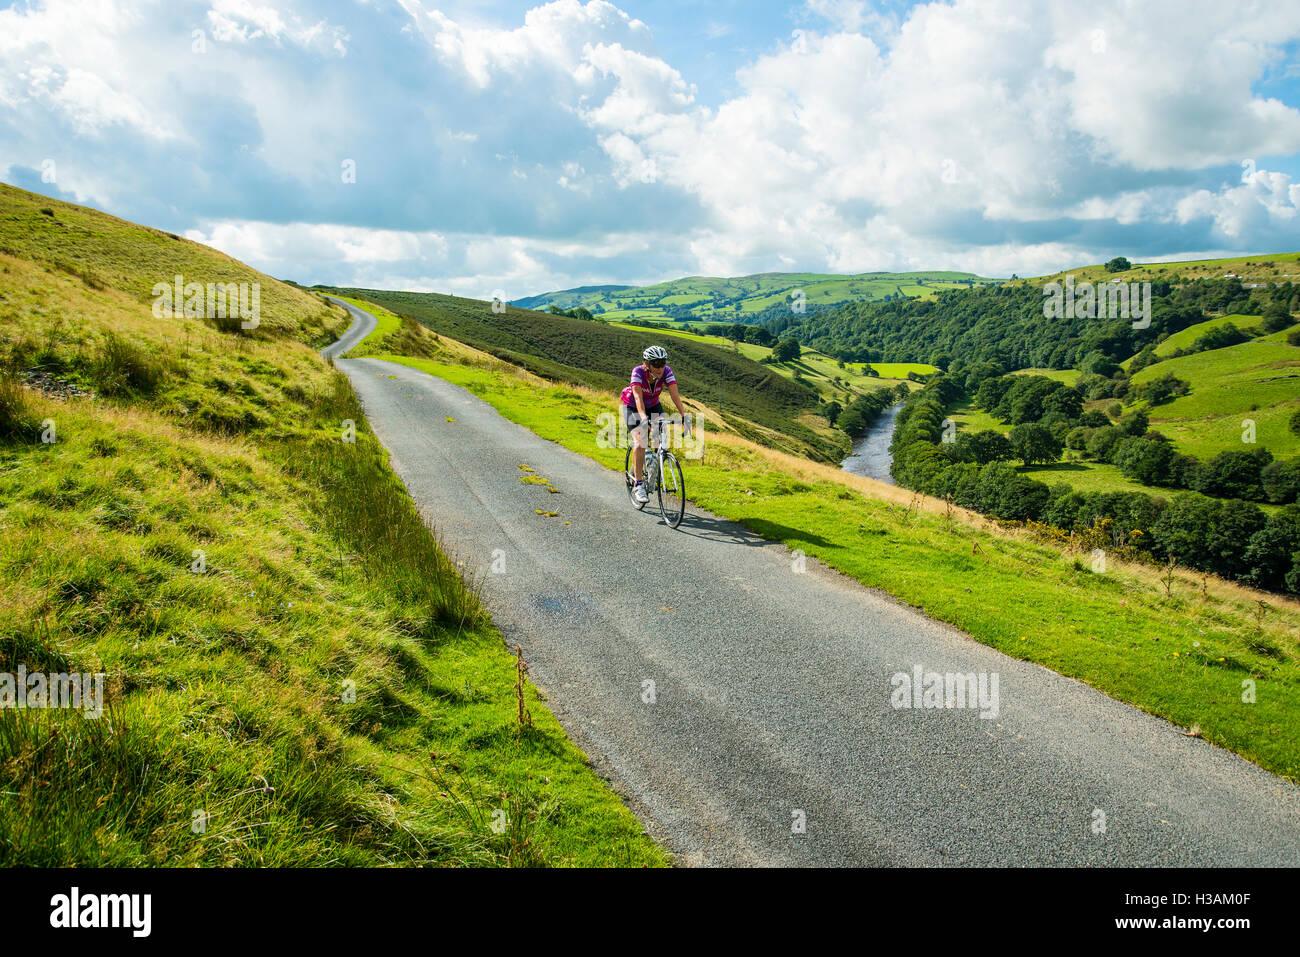 Ciclista femmina sulla corsia Fairmile nel lune Gorge Cumbria Inghilterra England Regno Unito Immagini Stock